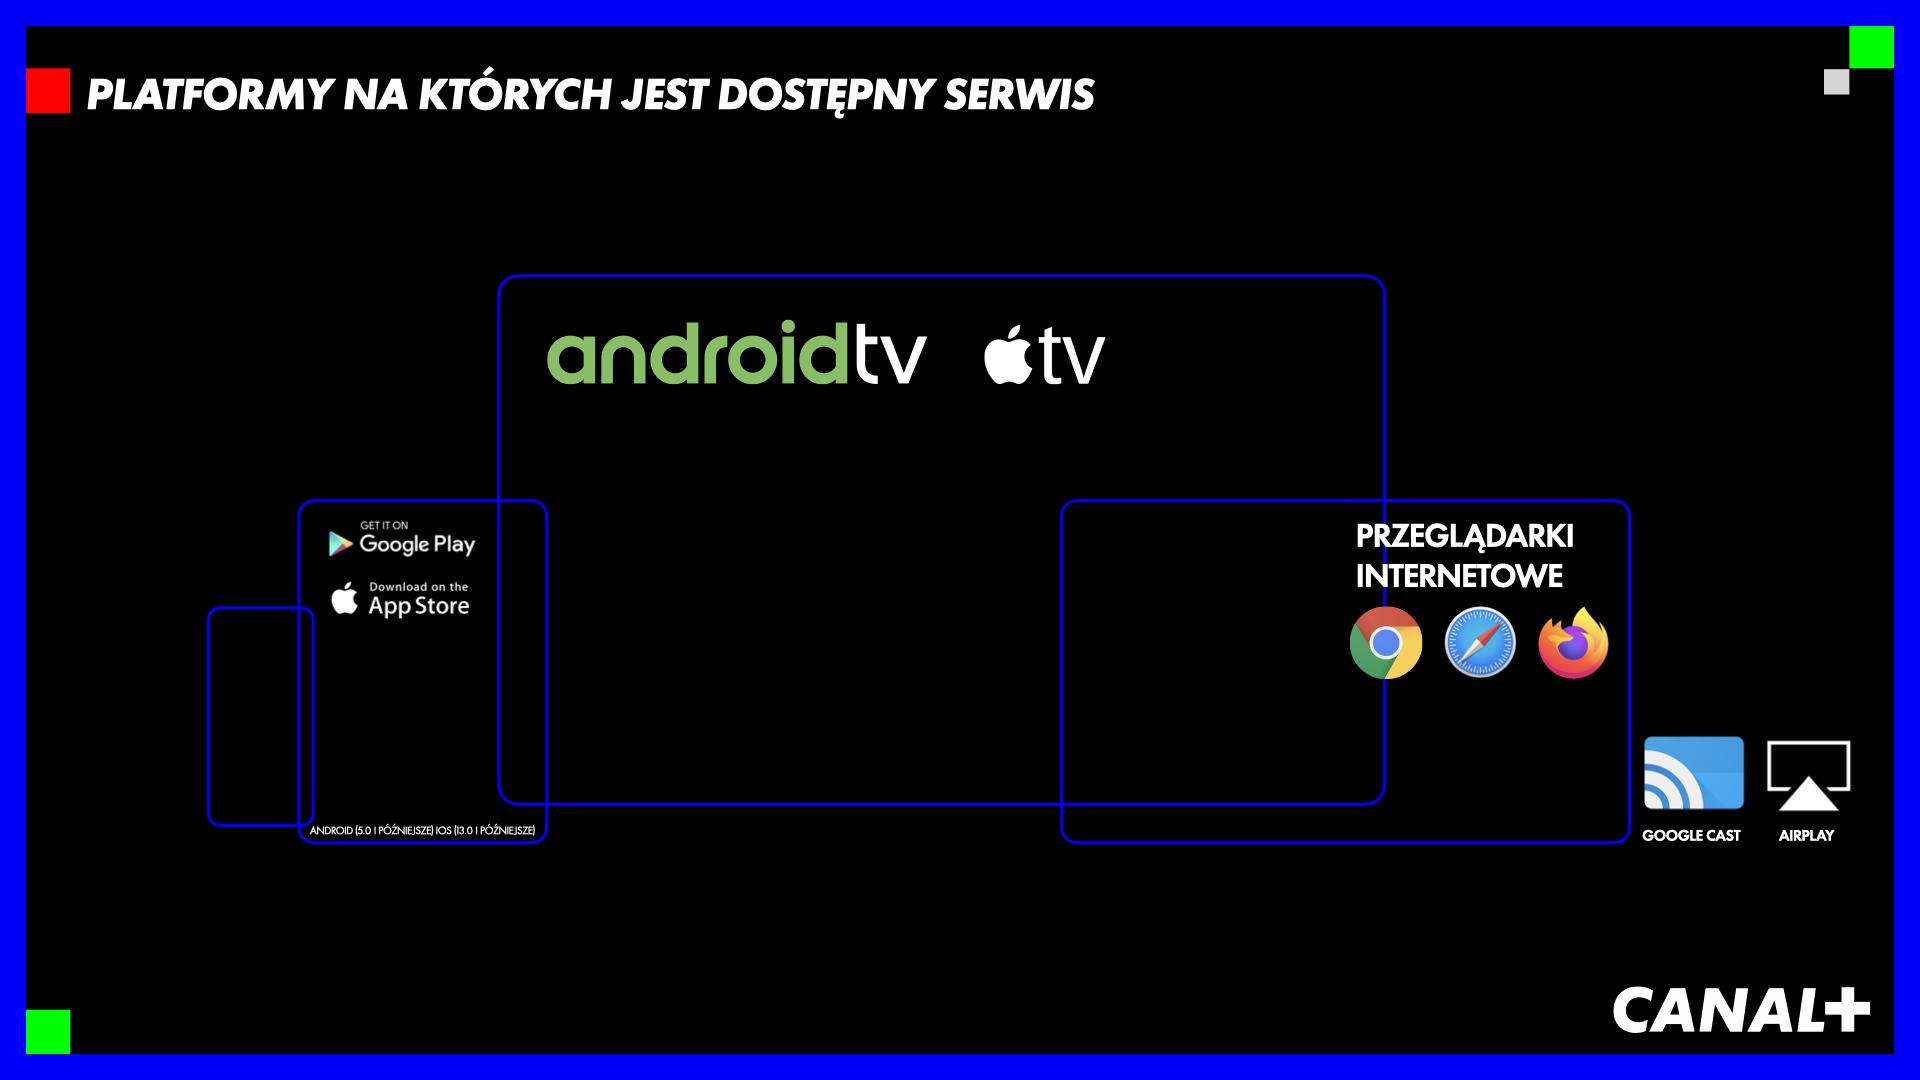 canal plus telewizja przez internet 8 PLATFORMY